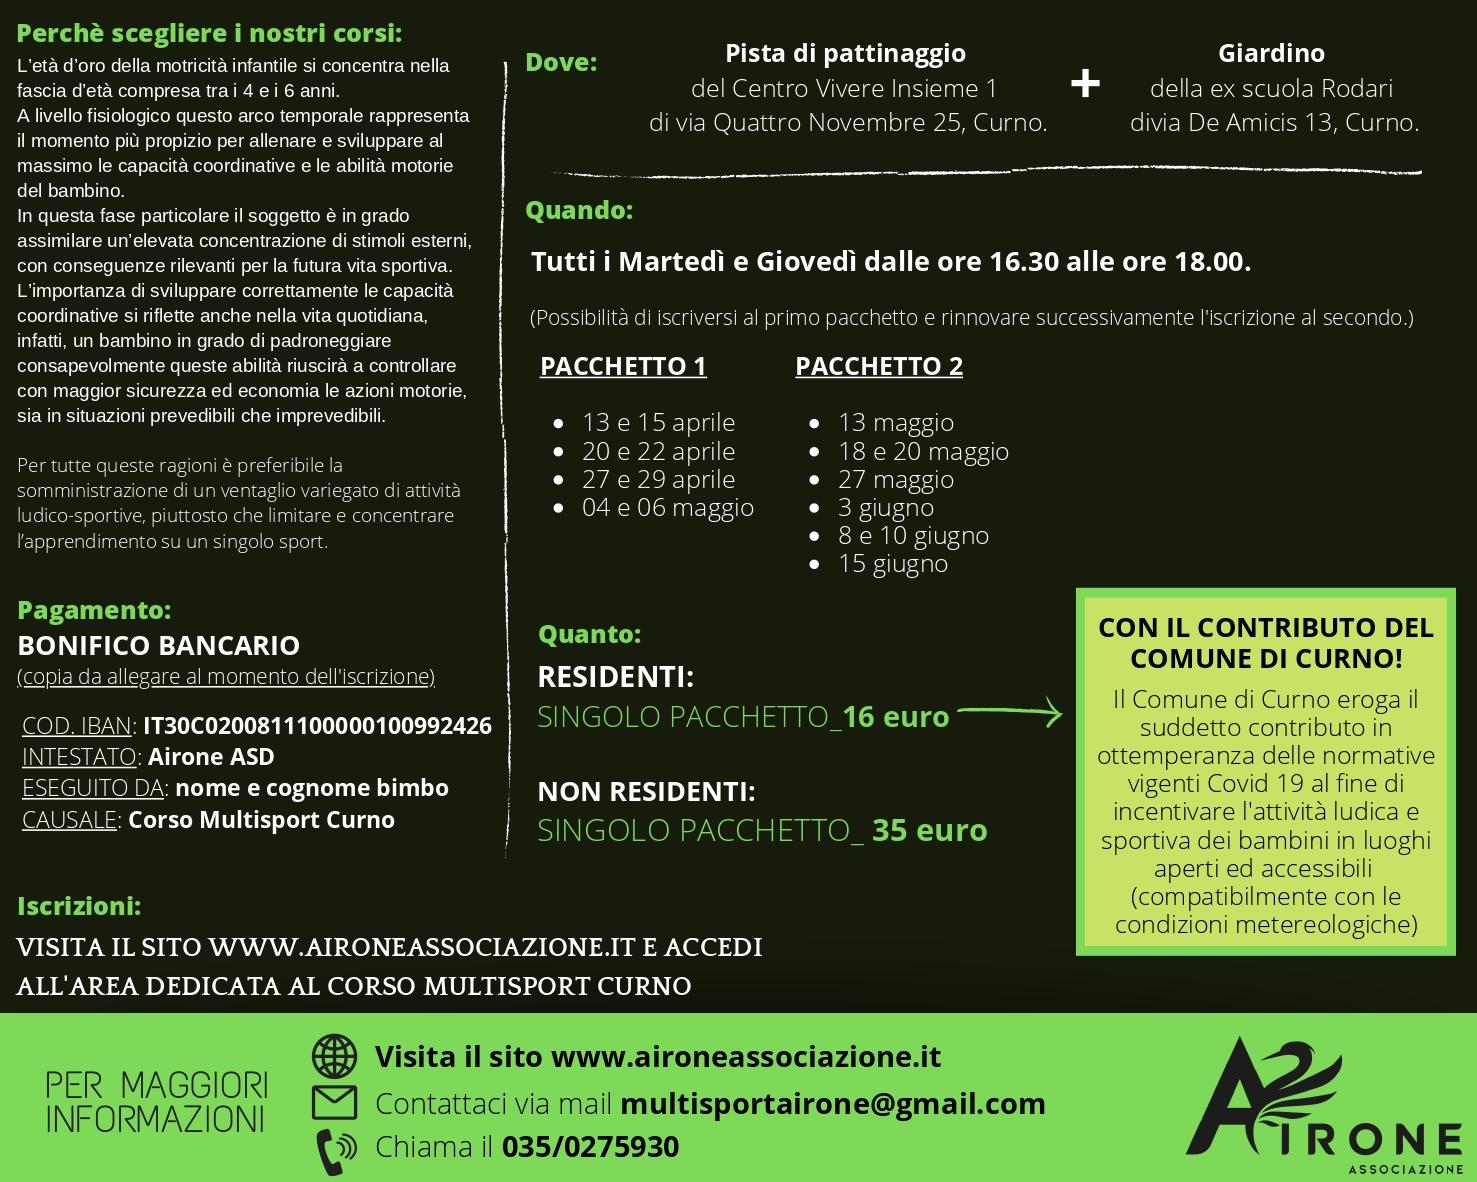 VOLANTINO-Multisport-Curno-2021_page-0002